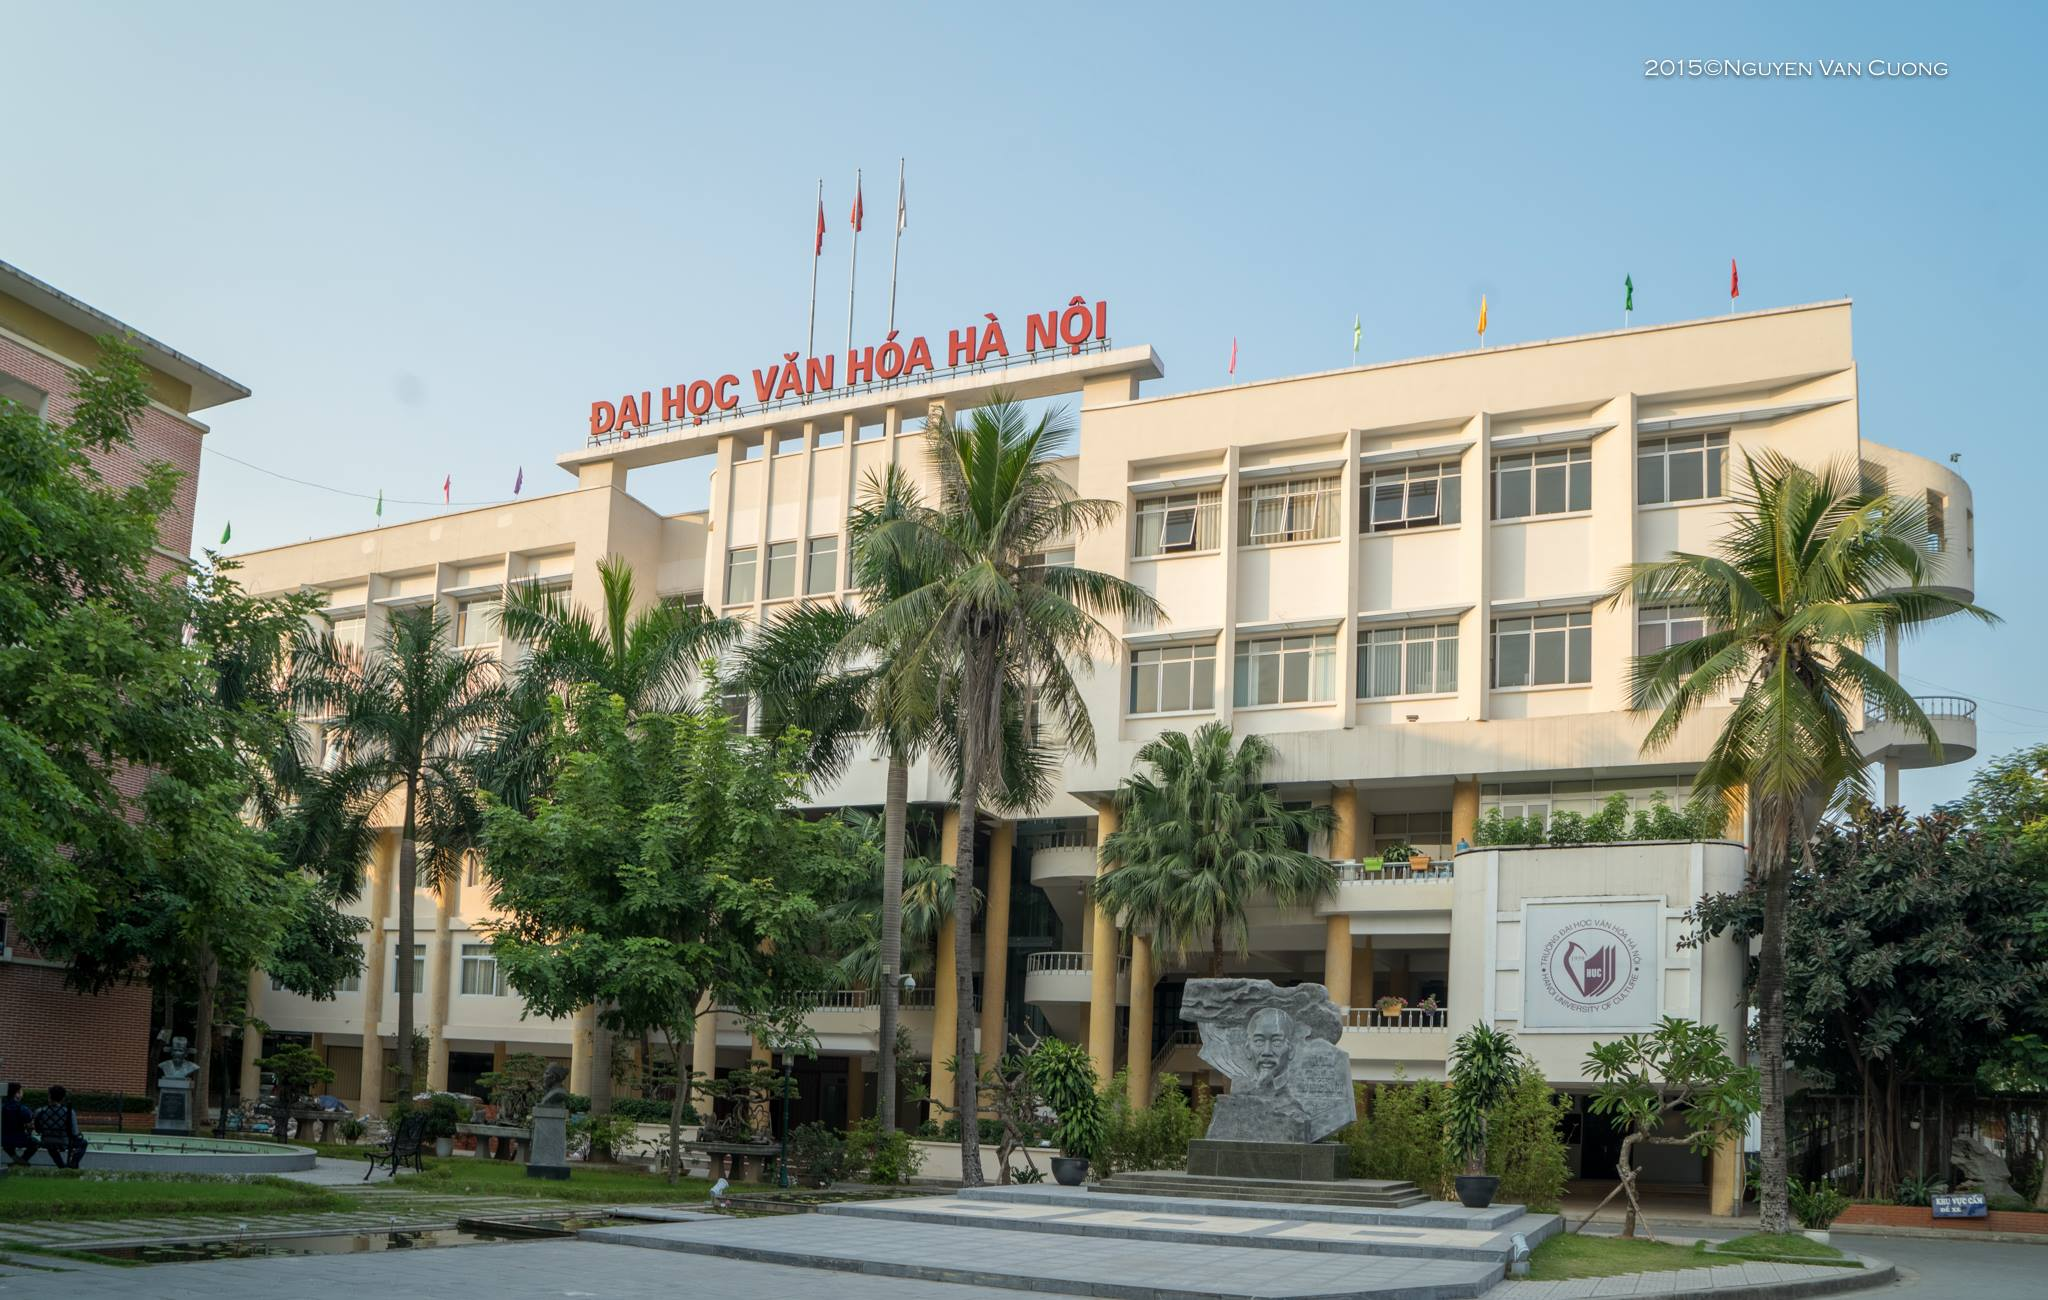 Tuyển sinh đại học 2017 của Trường Đại học Văn hóa Hà Nội: Các ngành đào tạo và cơ hội việc làm